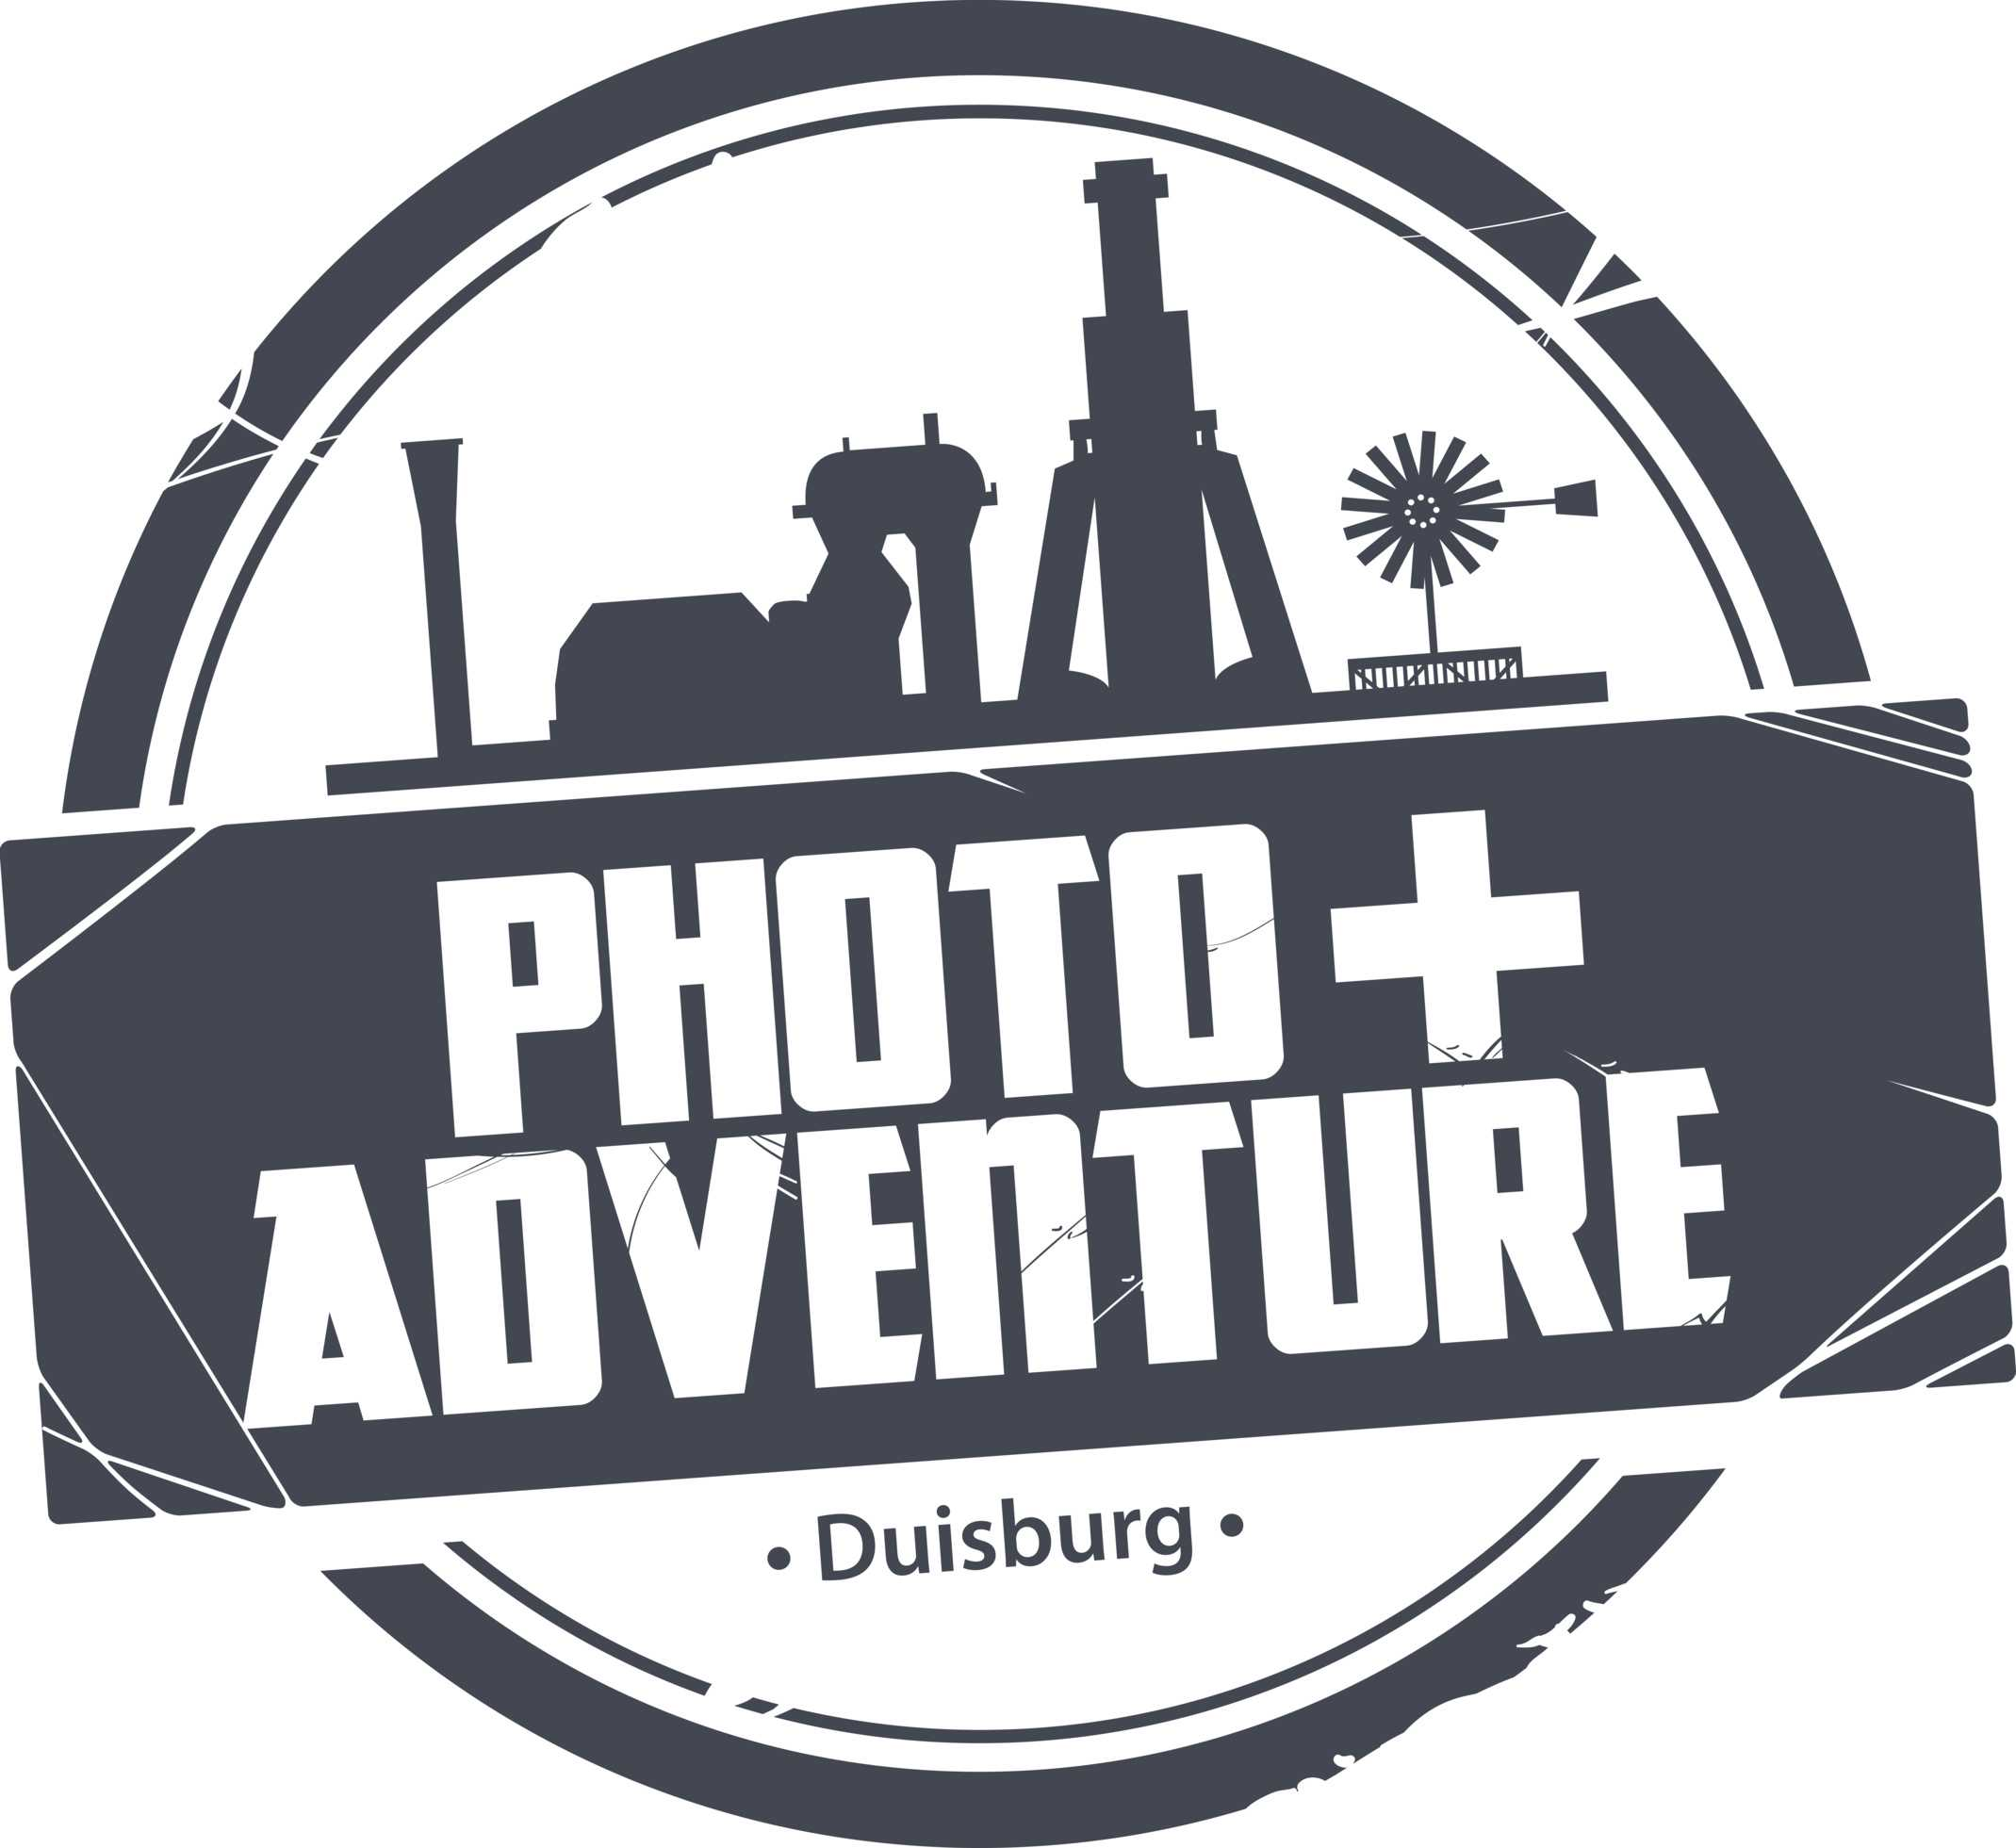 In eigener Sache: c't Fotografie auf der Photo+Adventure in Duisburg